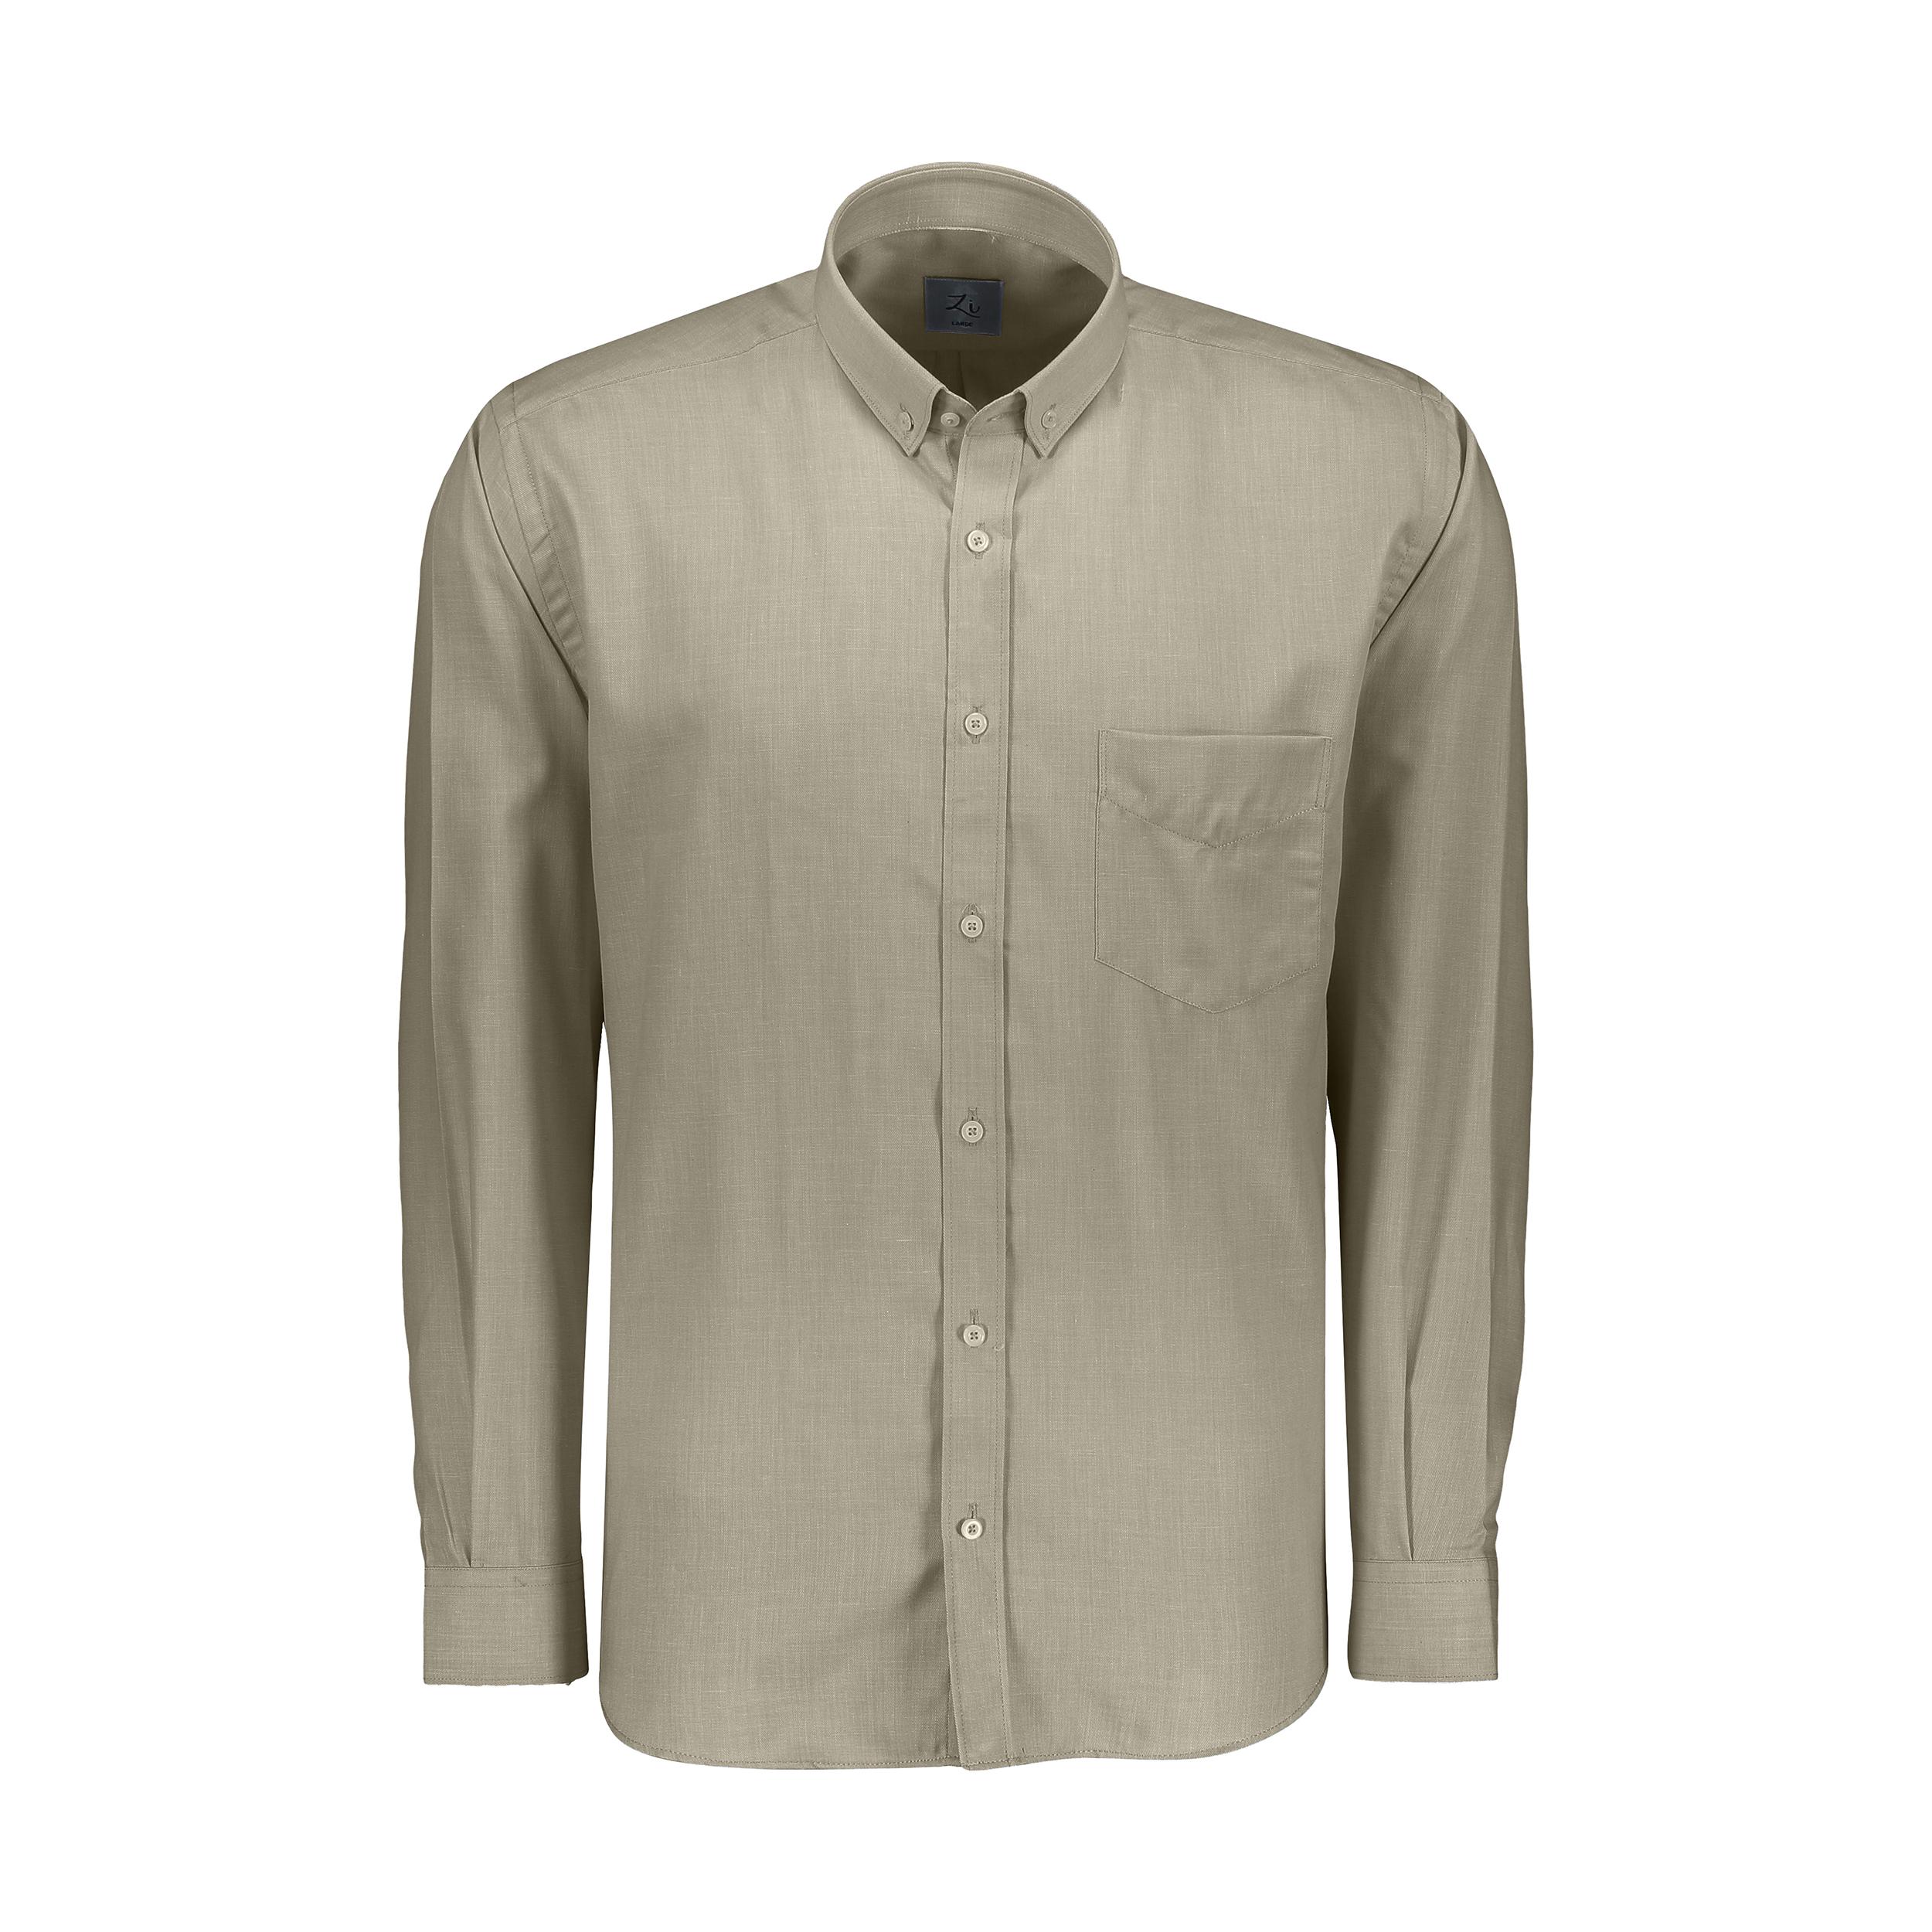 پیراهن آستین بلند مردانه زی مدل 153140507